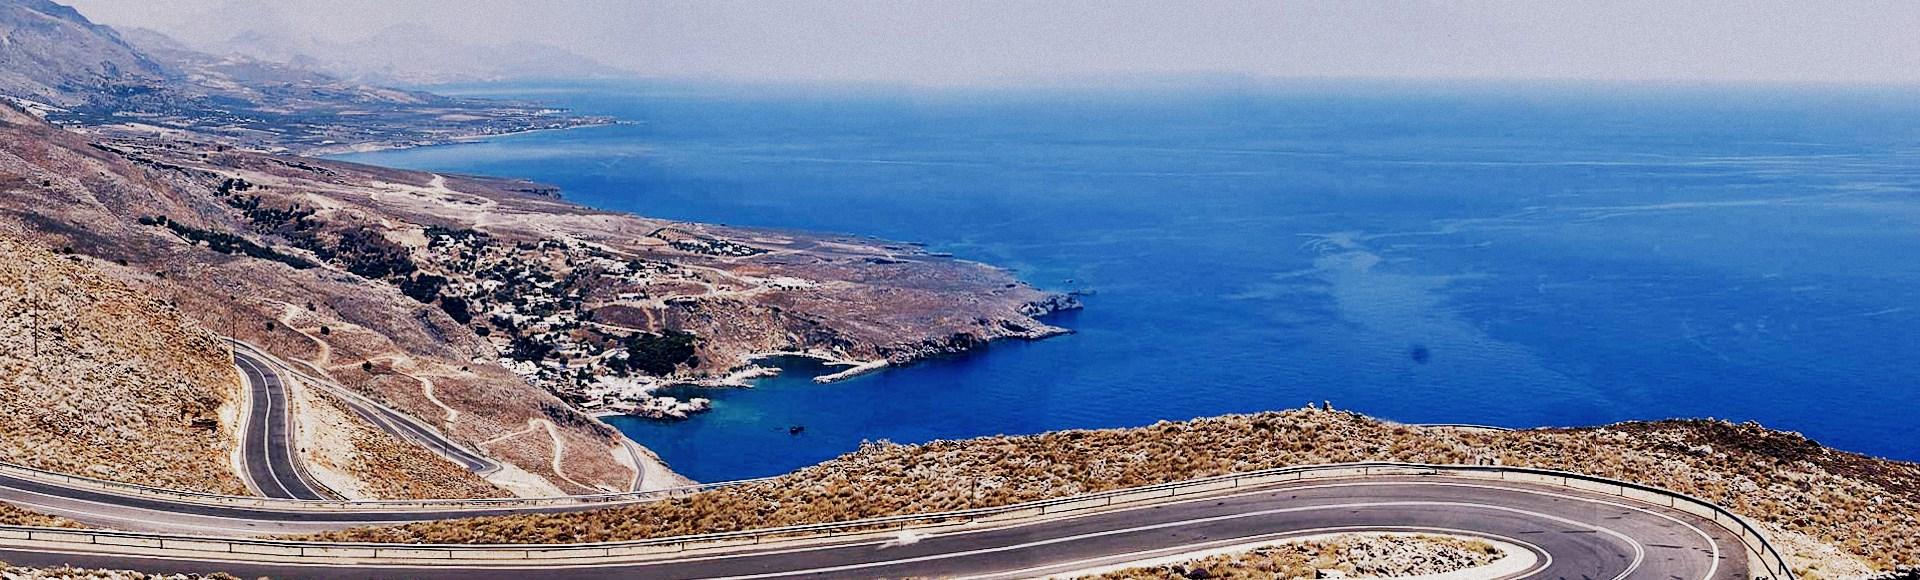 Villas with Pools in Crete, Corfu & Paros   Handpicked by Alargo